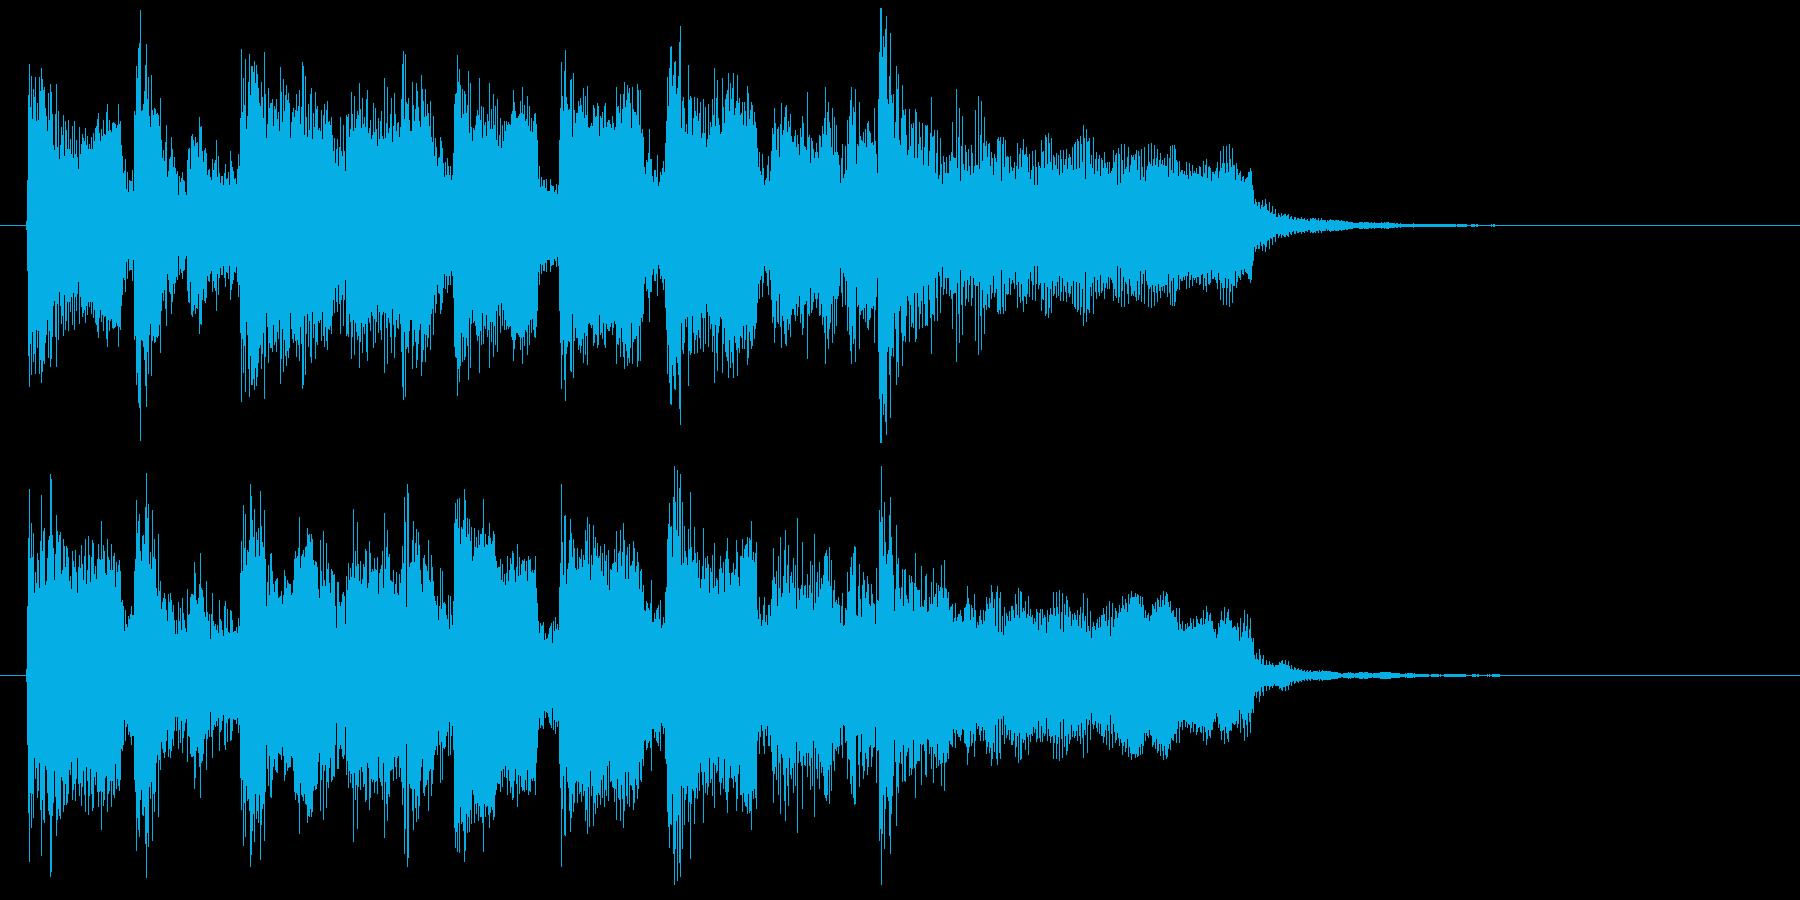 自由でノリノリなリコーダーのサウンドロゴの再生済みの波形